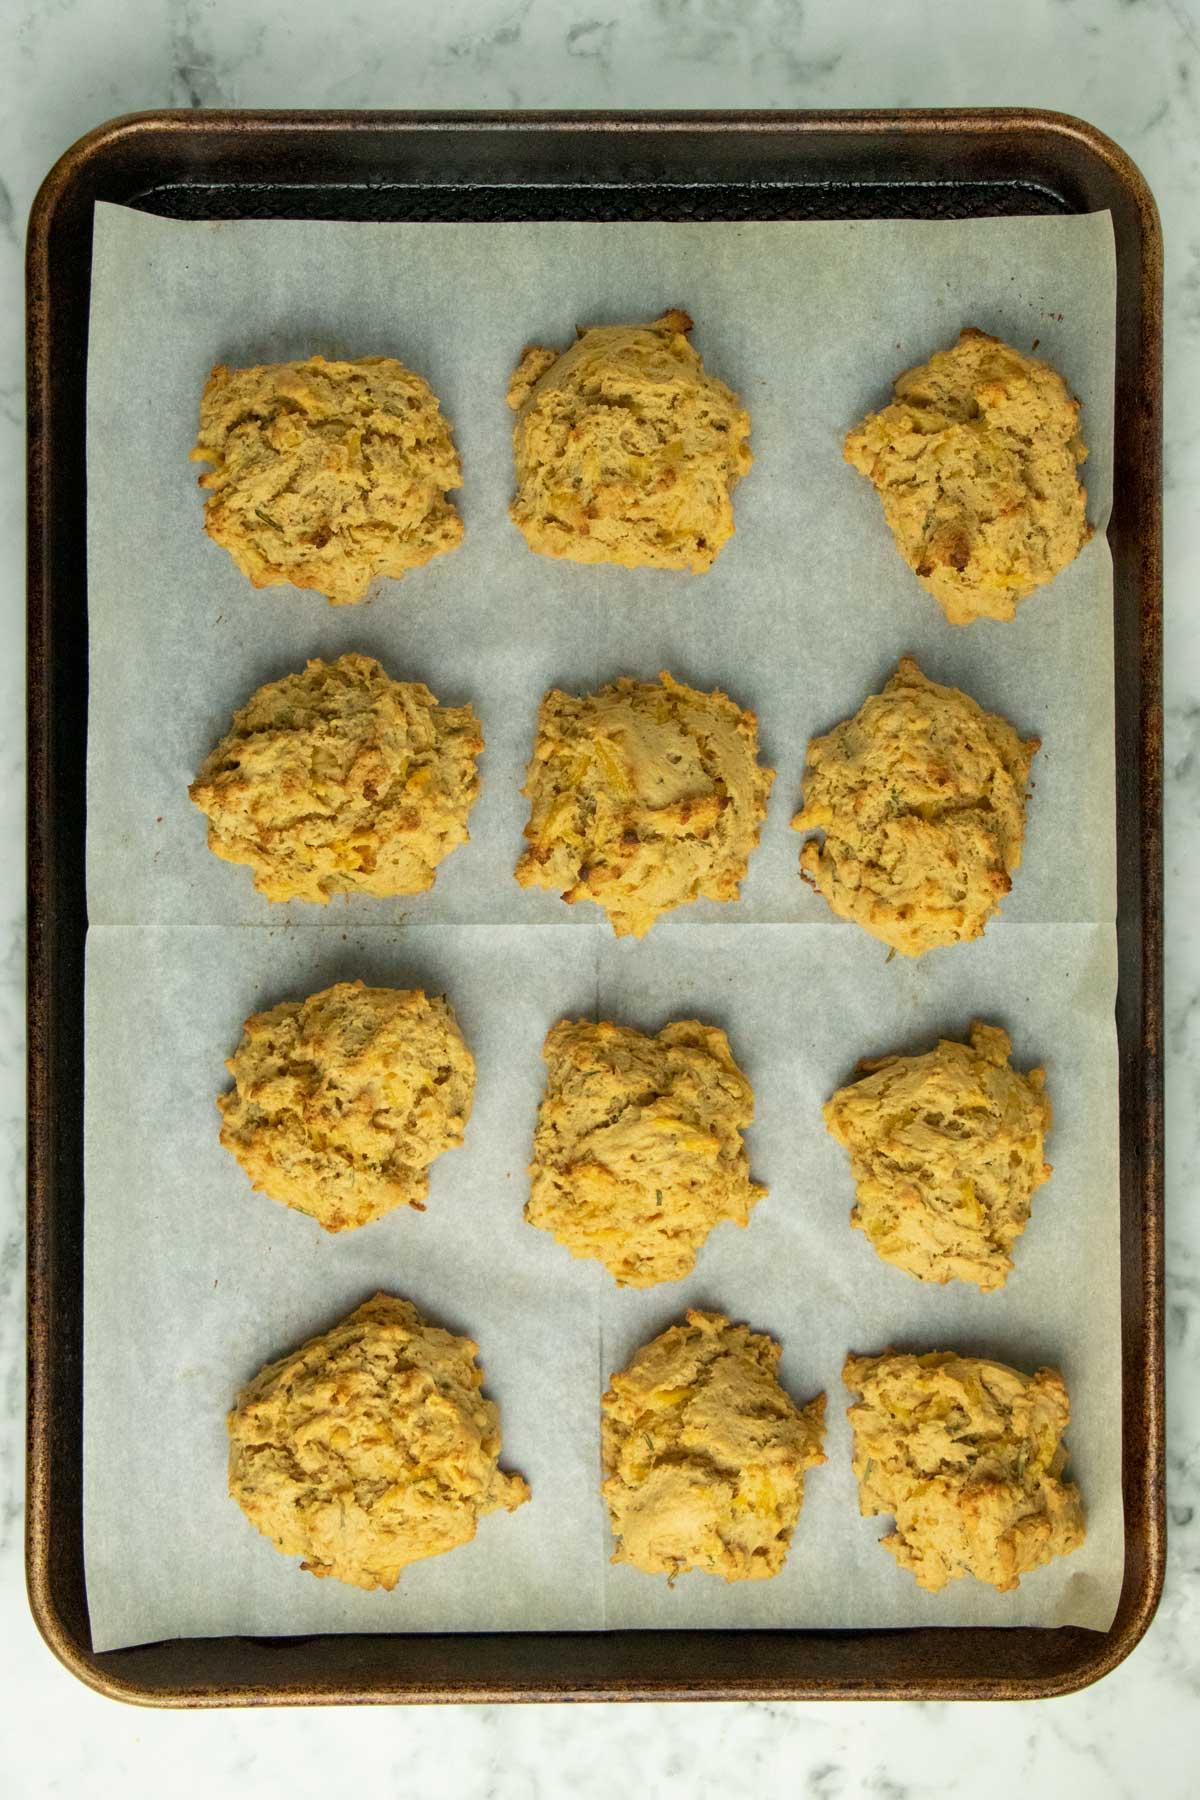 vegan drop biscuits on a baking sheet